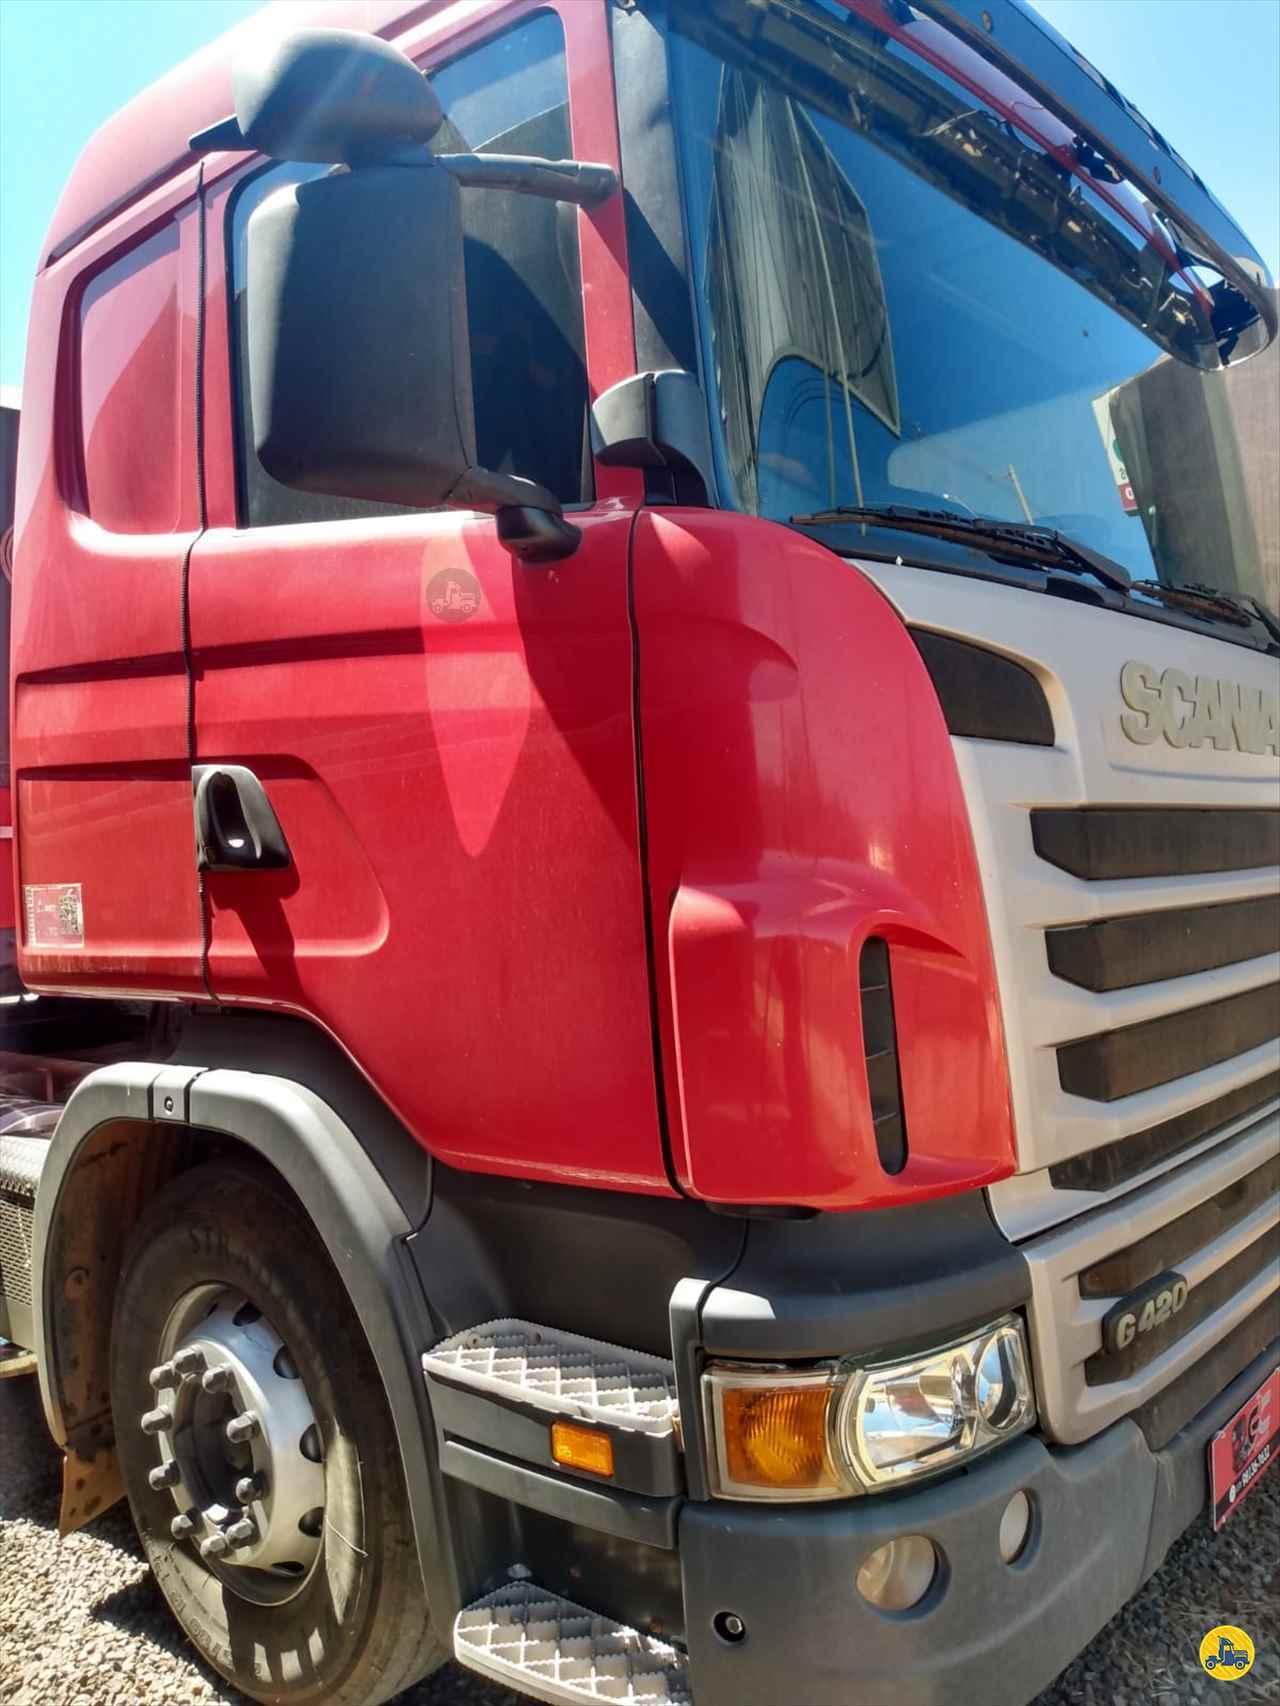 CAMINHAO SCANIA SCANIA 420 Cavalo Mecânico Traçado 6x4 Gazola Caminhões São José do Rio Preto SÃO PAULO SP